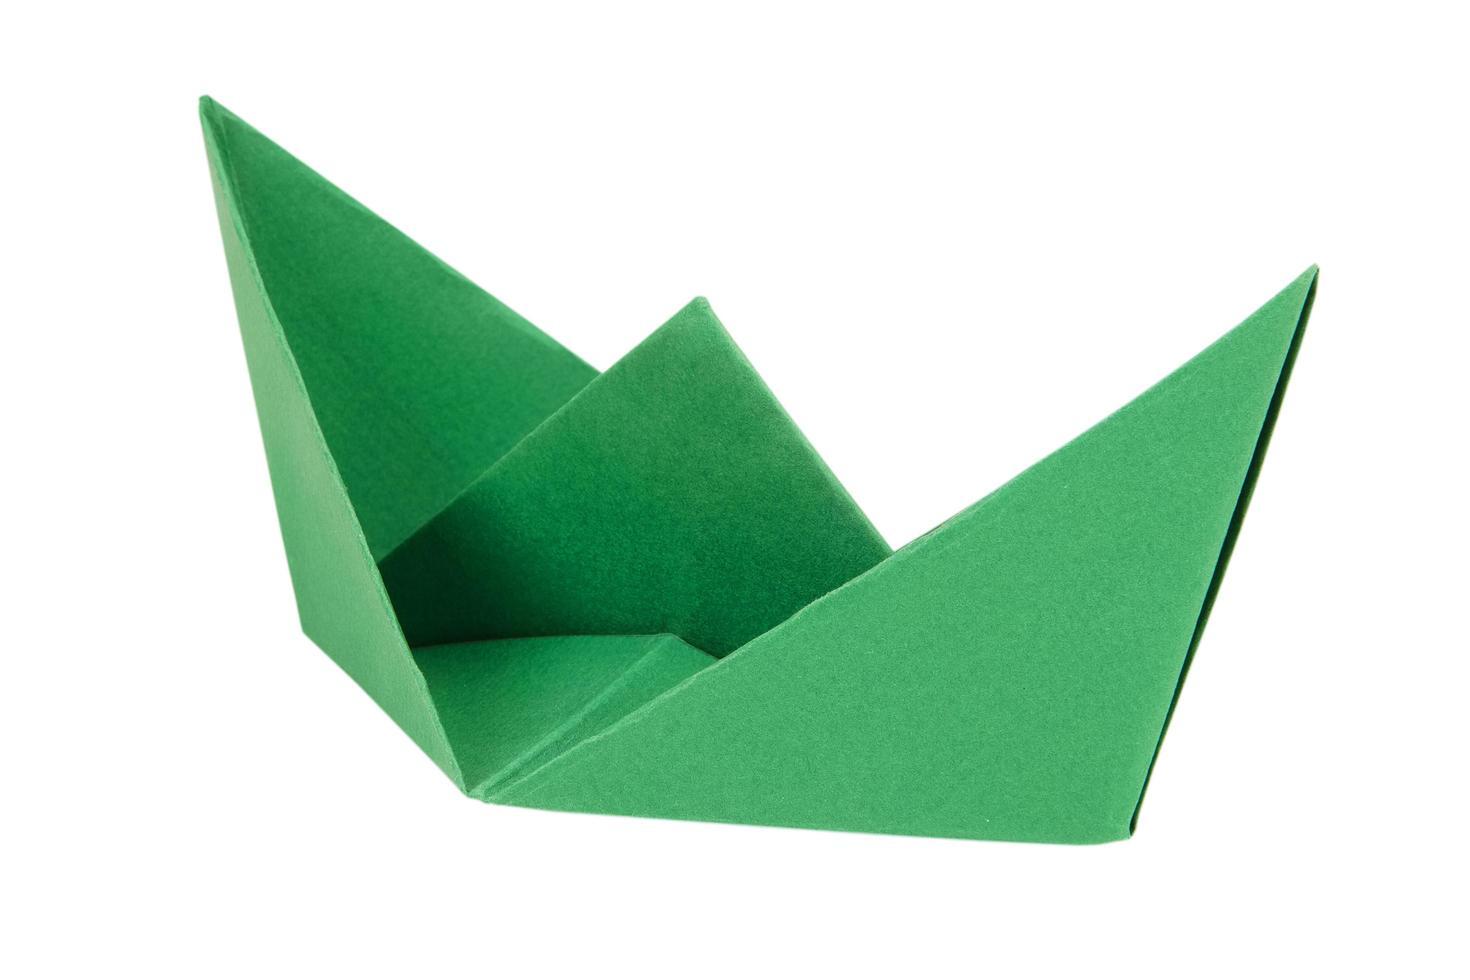 grünes Boot aus Papier foto